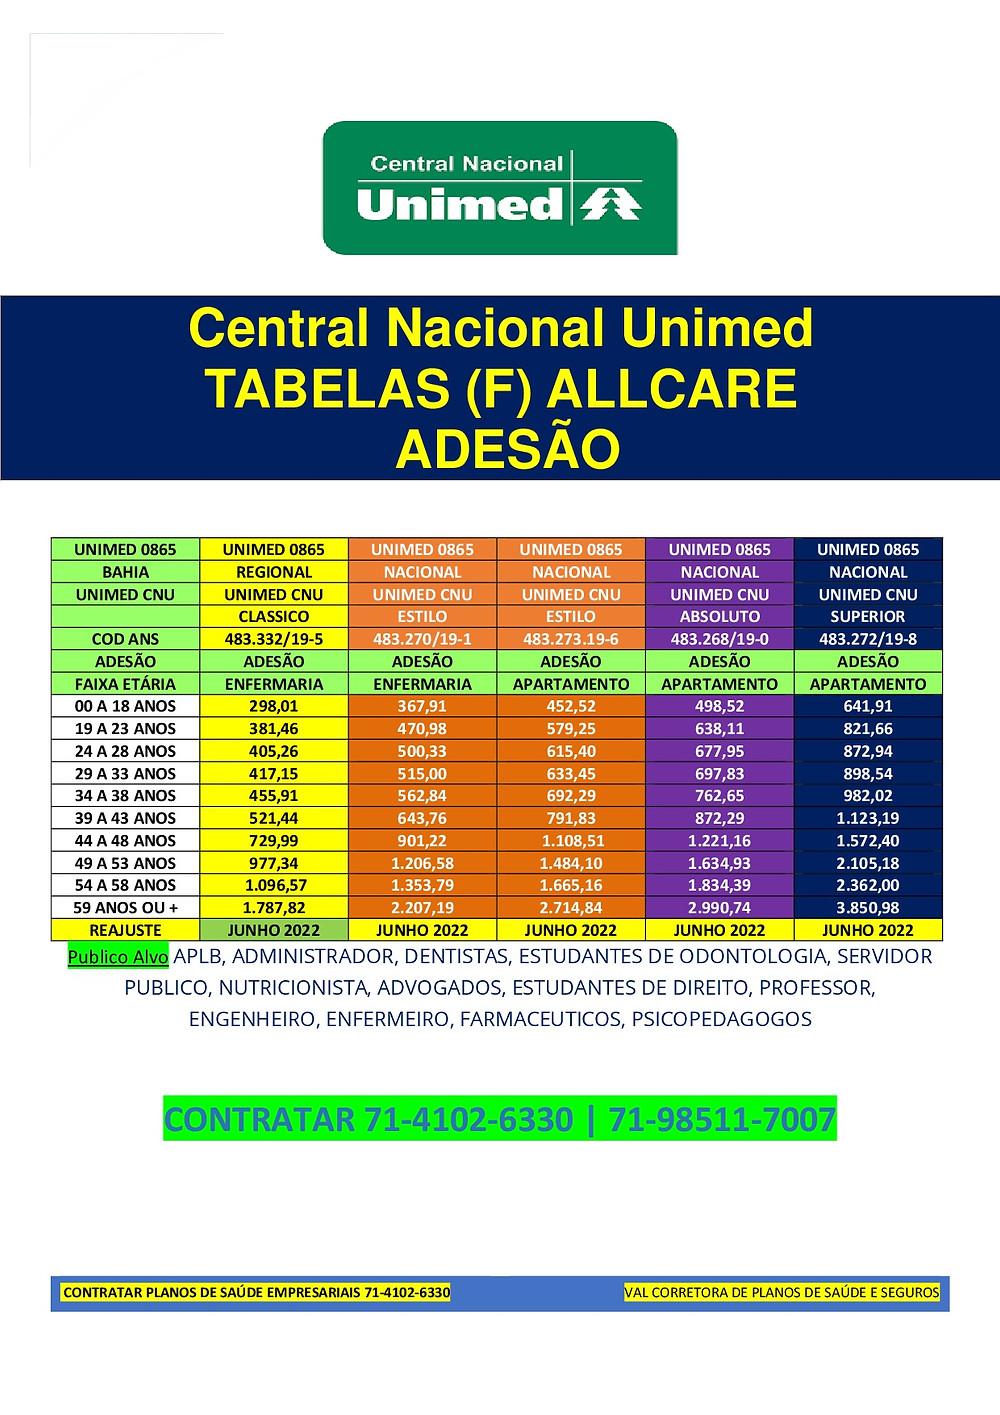 tabelas de valores 2021 planos unimed, planos de saude salvador-bahia